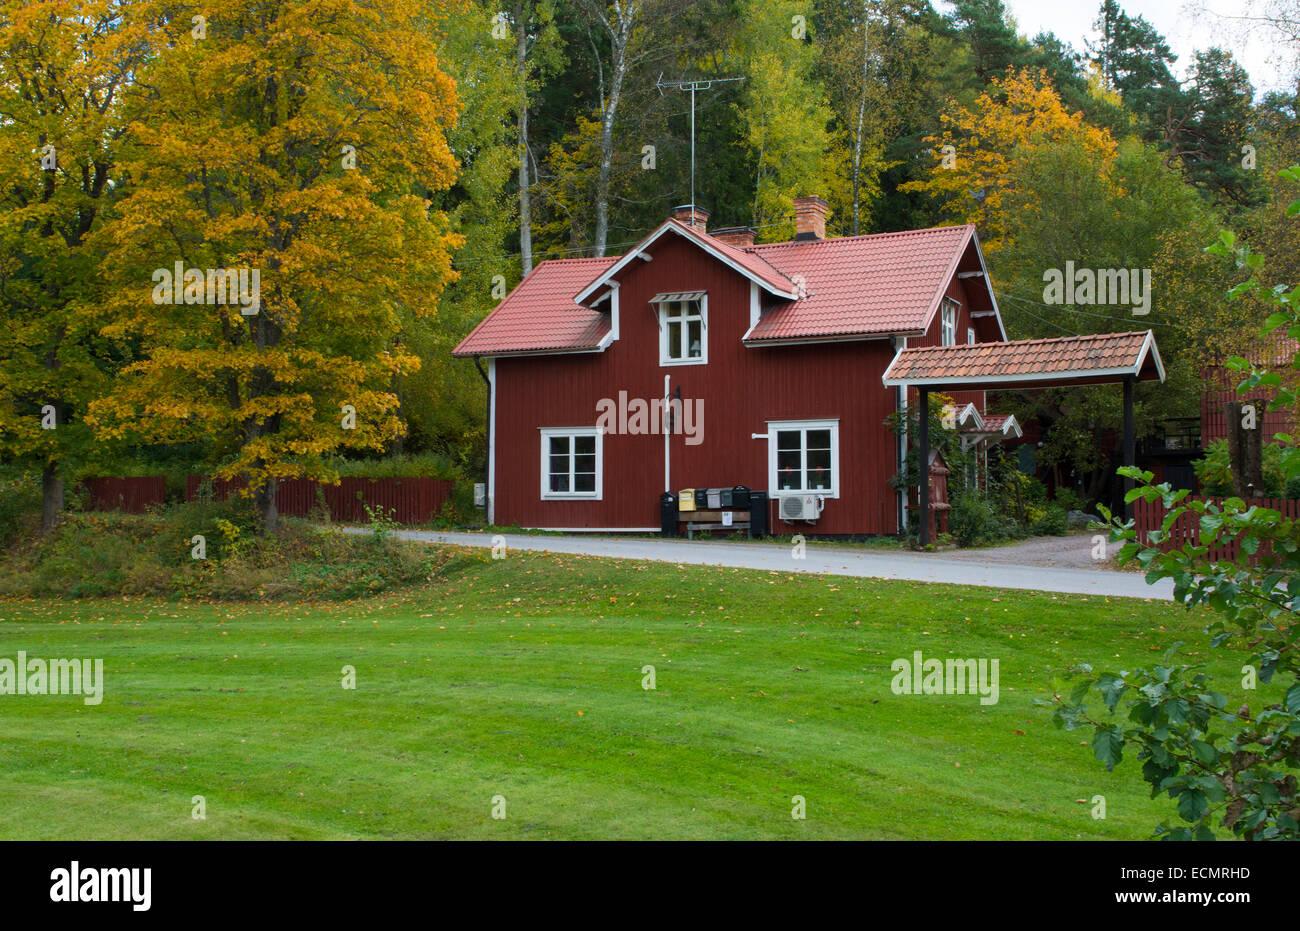 Tumba suède rouge accueil en milieu rural au sud de Stockholm, MR-40 Photo Stock